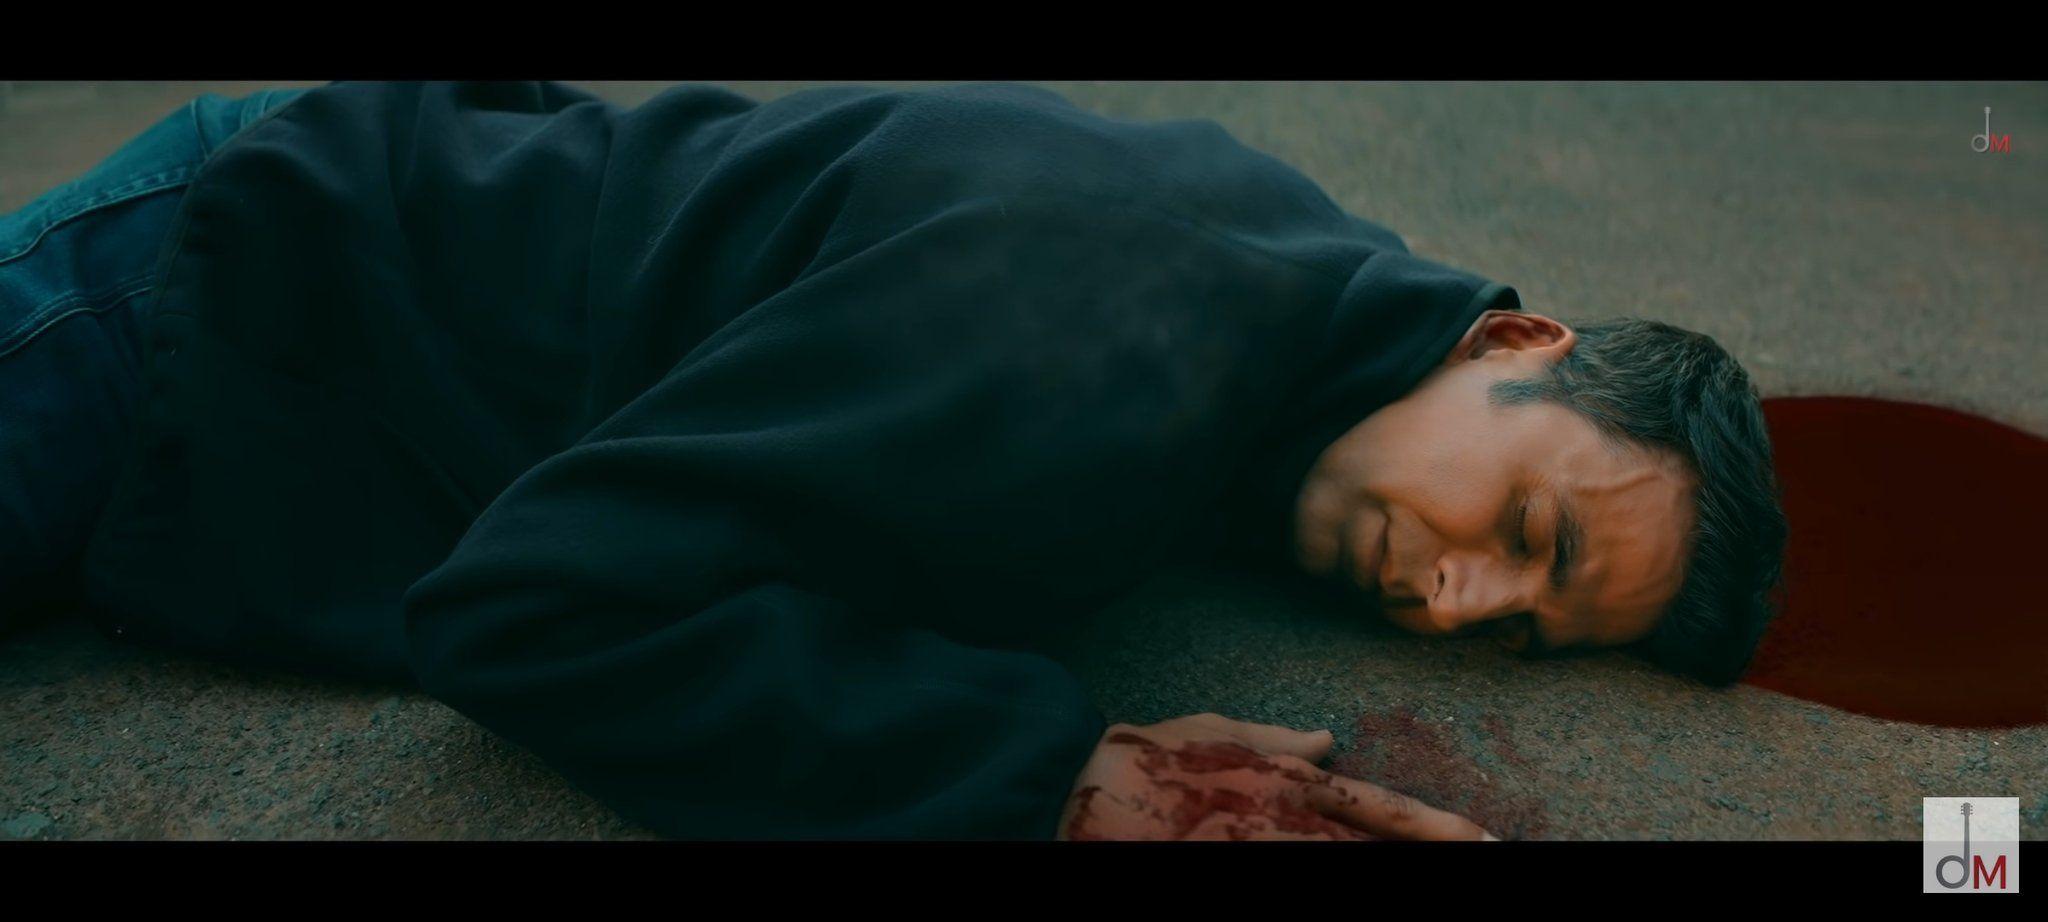 Akshay Kumar leaves his fans heartbroken in the song as he dies